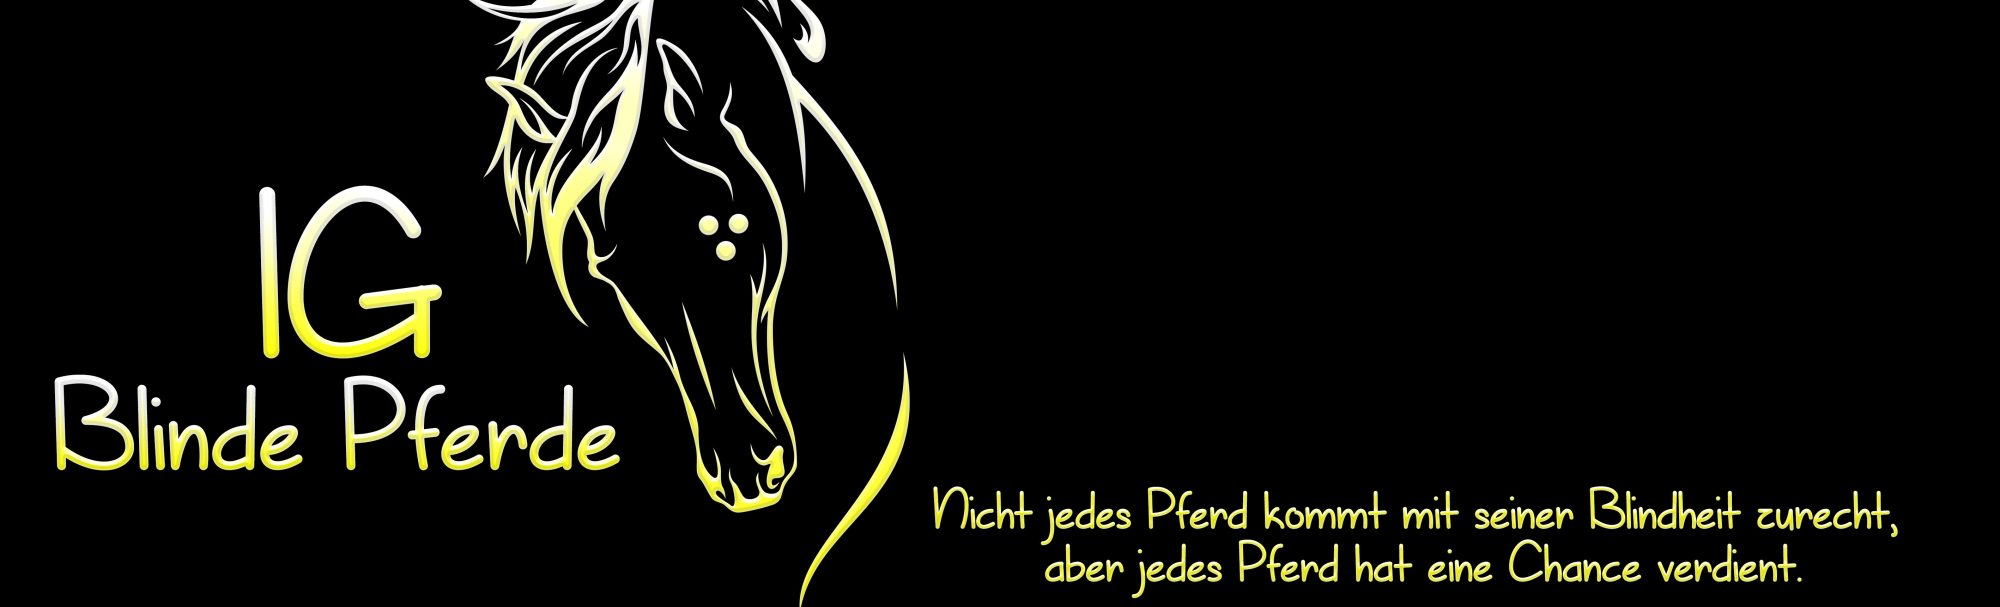 Interessengemeinschaft blinde Pferde e. V.